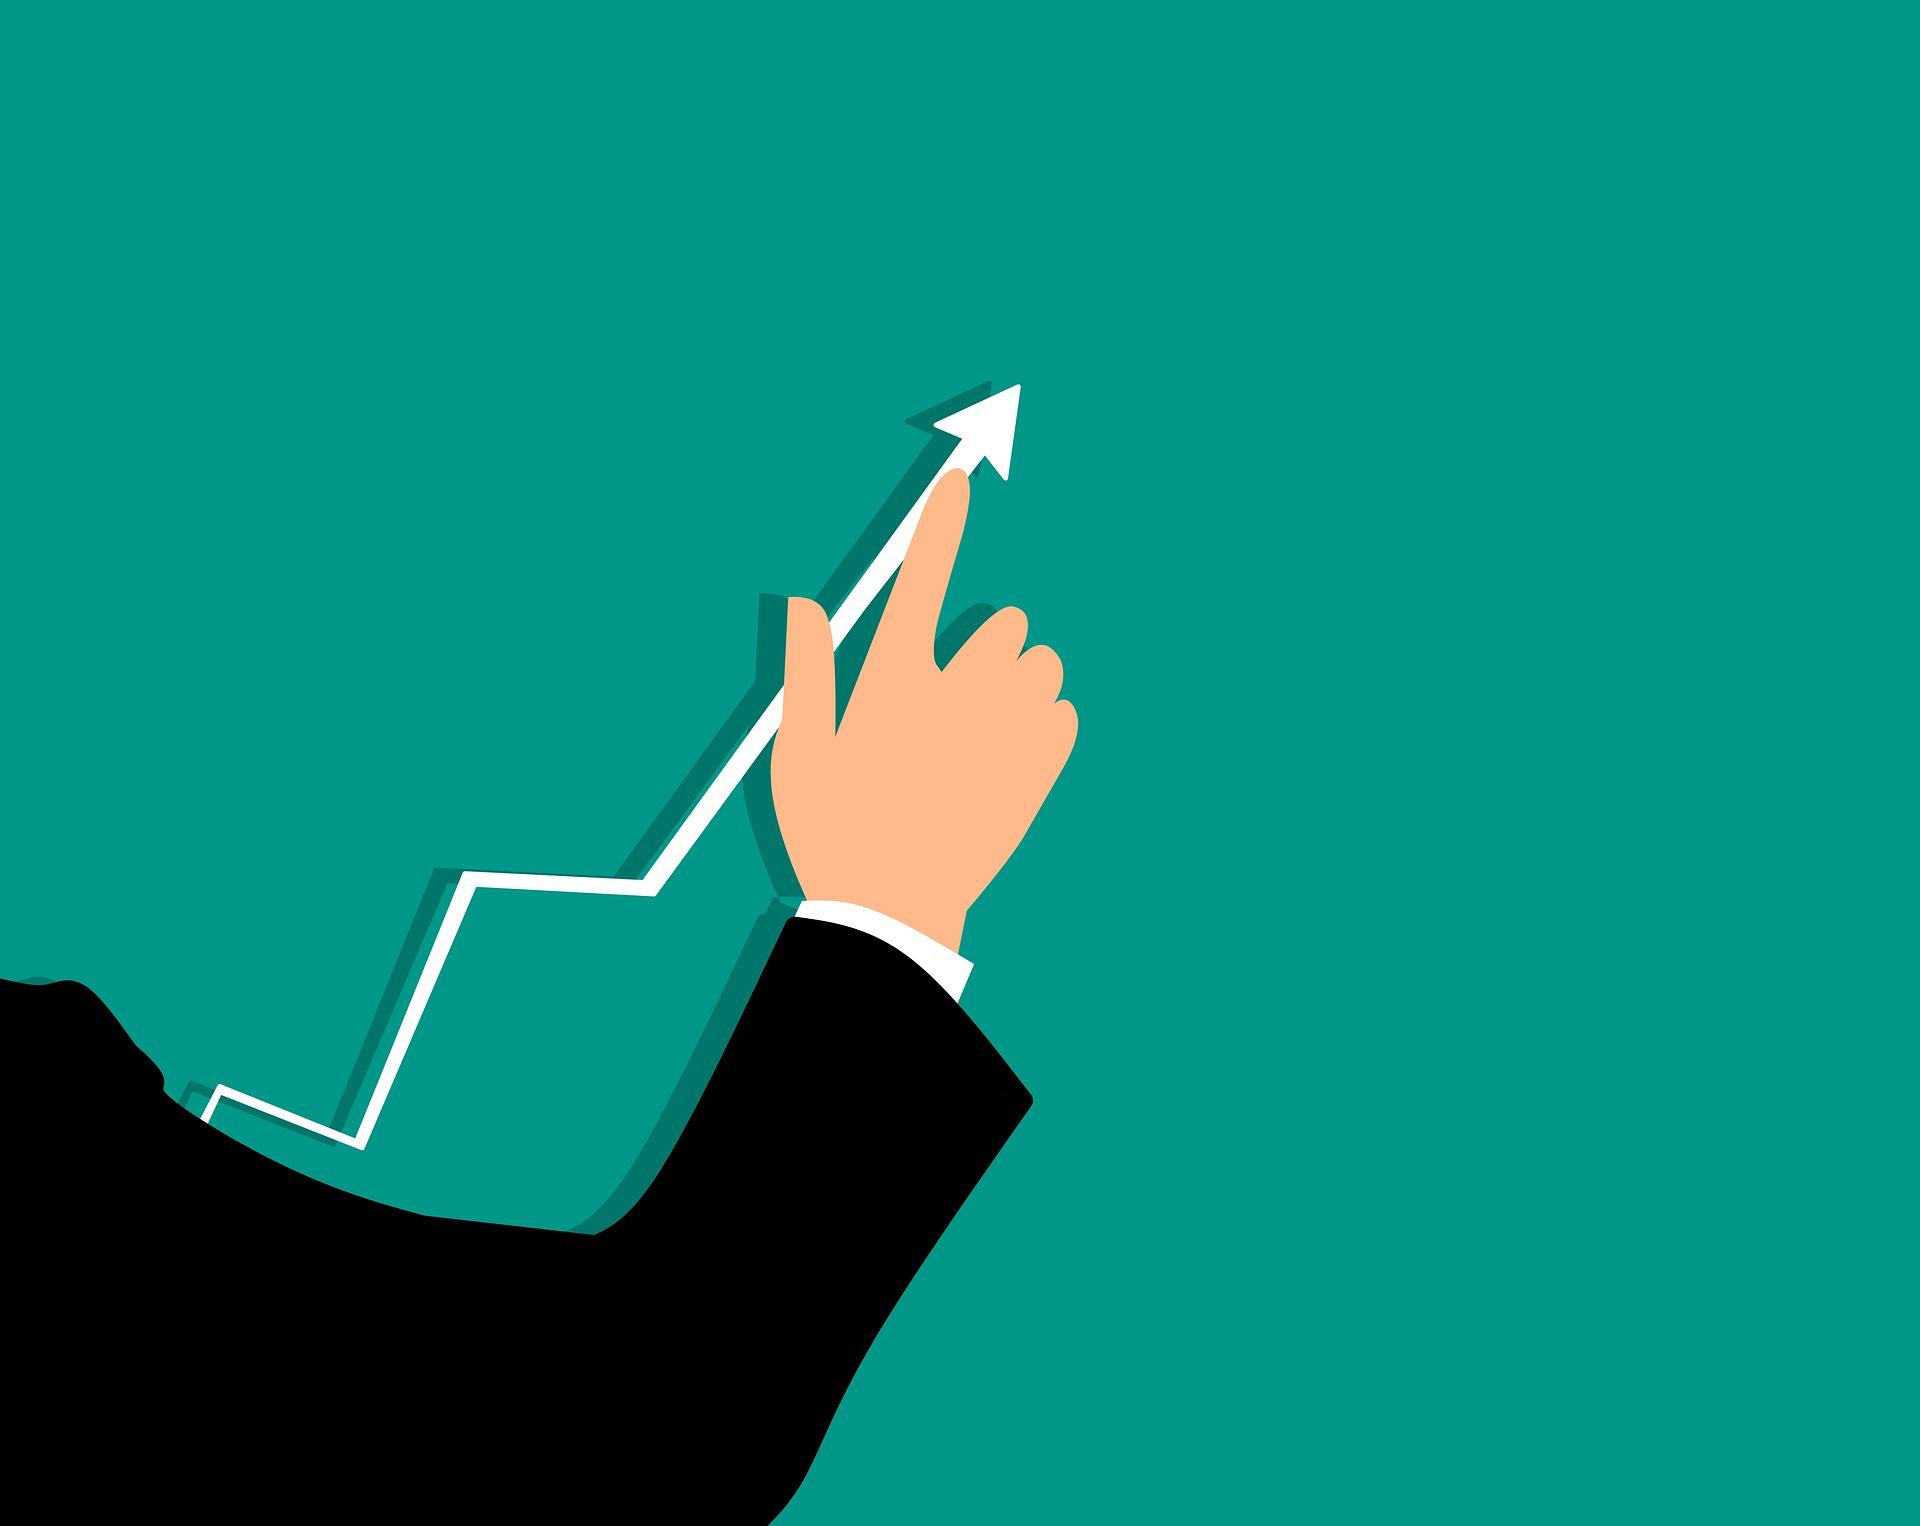 [WEEKLY RASSI] 홀딩파워3(FC) 누적수익률 +101% - 9월 3째주 라씨 AI 매매성과